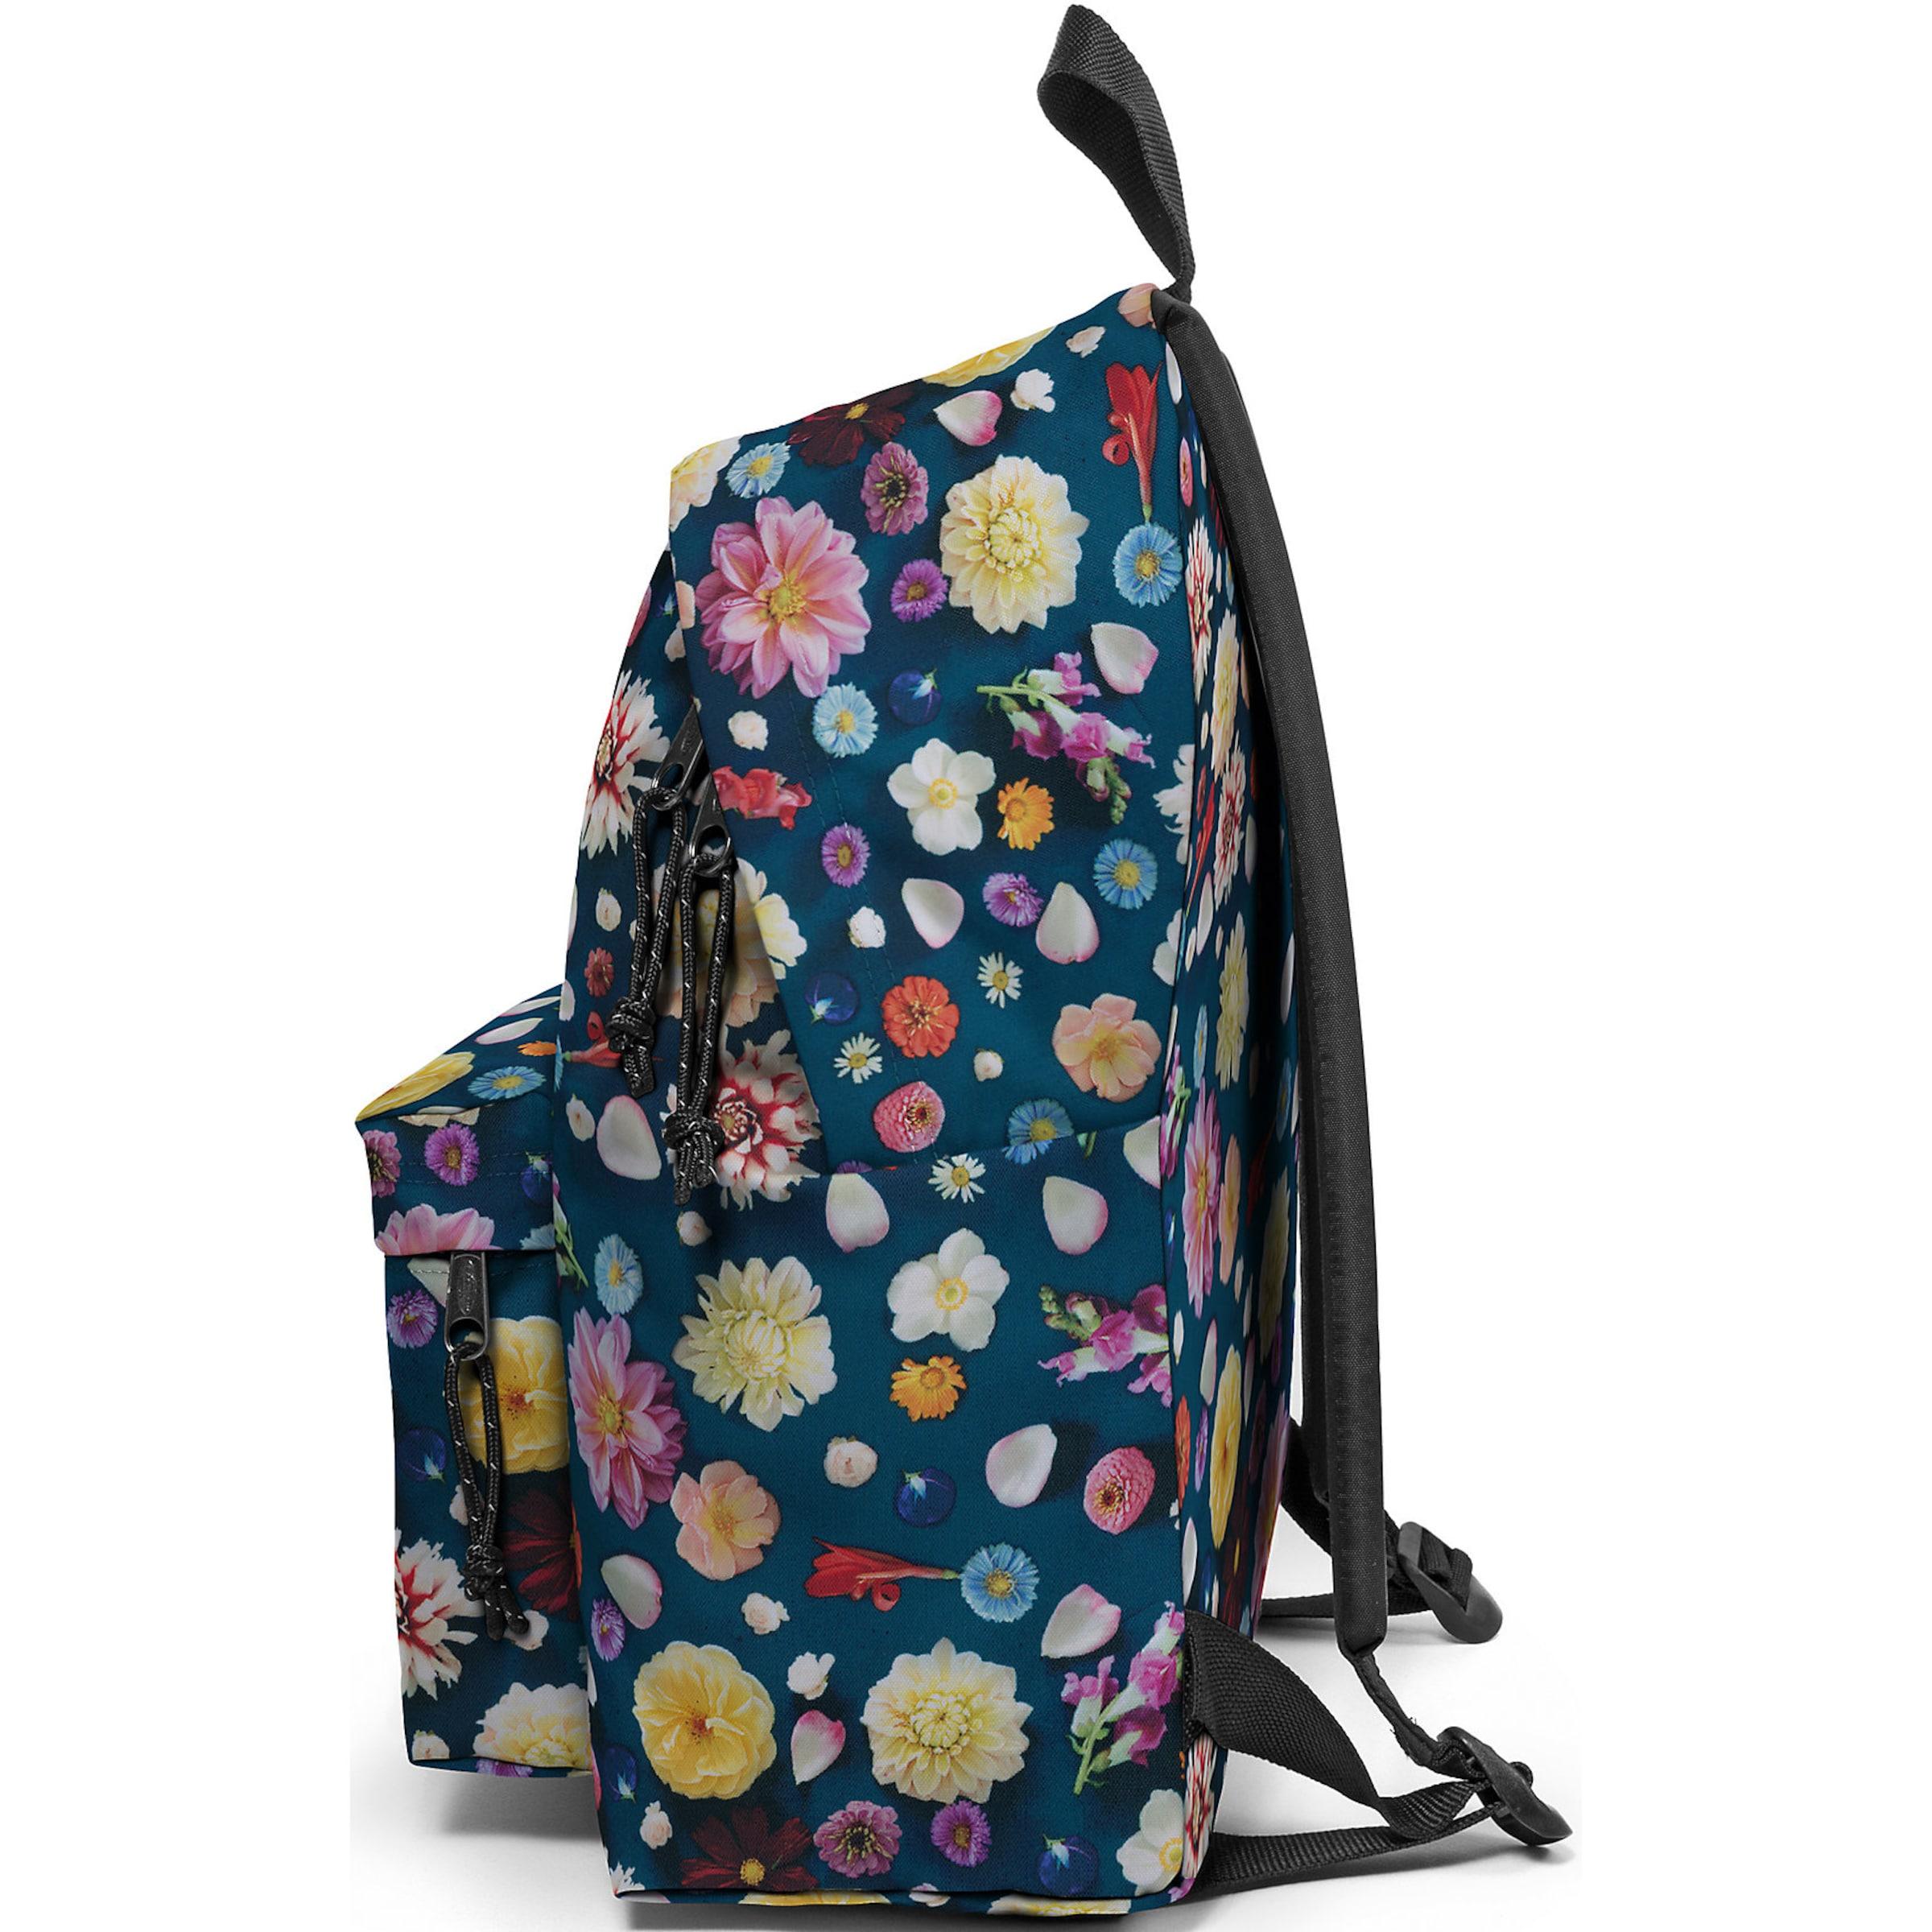 EASTPAK Padded Pak'r Rucksack Spielraum In Mode Großhandelspreis Erstaunlicher Preis Online D2eVZms32G